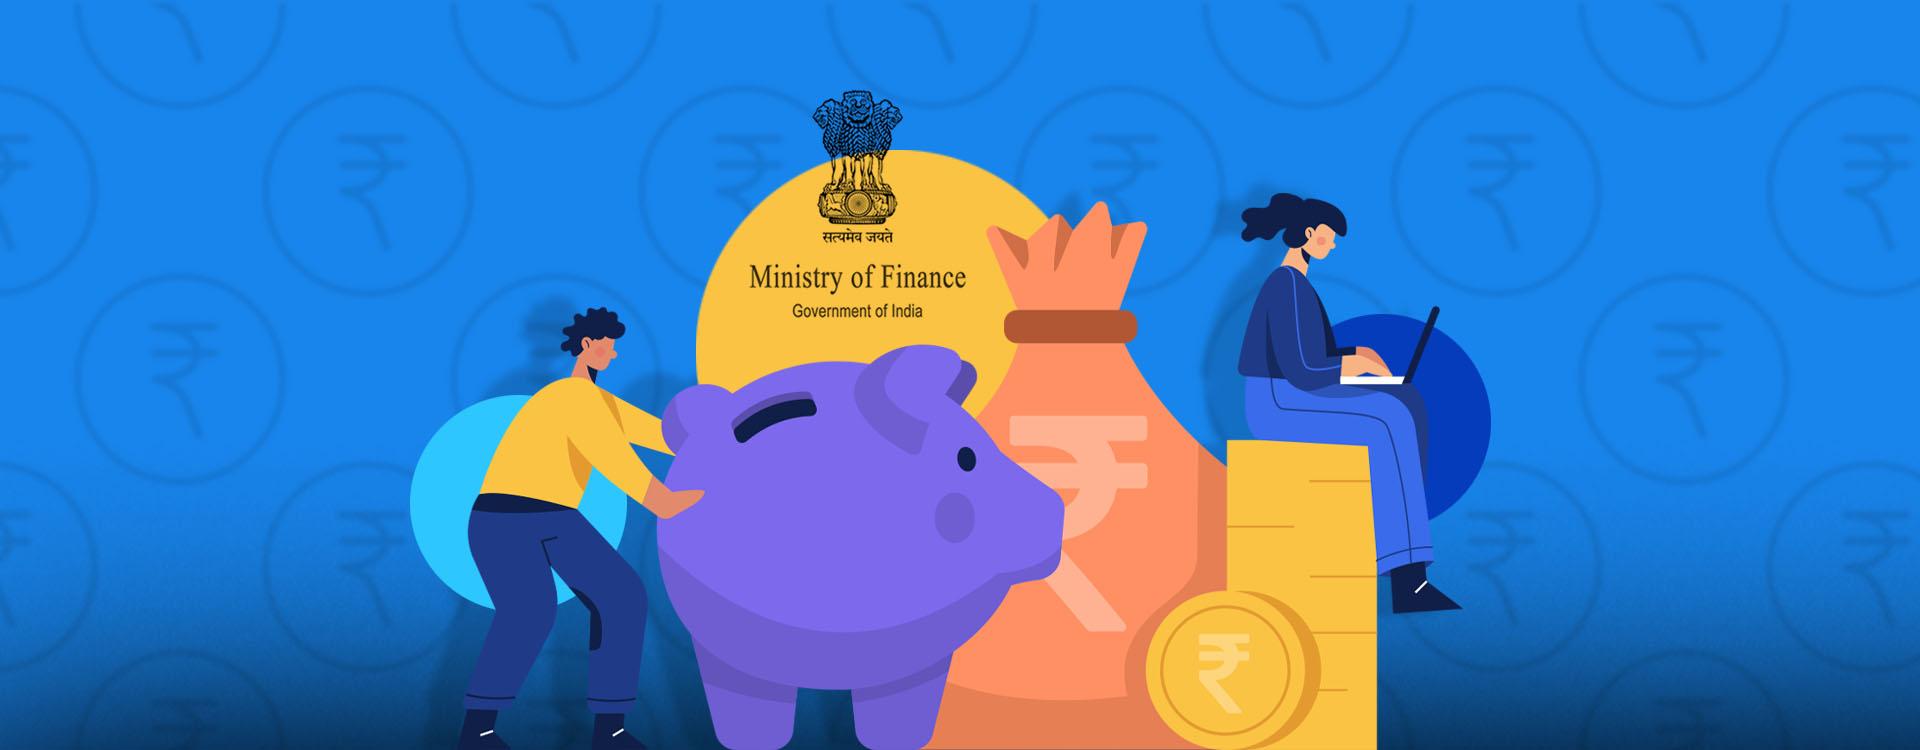 Stimulus Package MSME Credit Scheme Atmanirbhar Bharat 2021